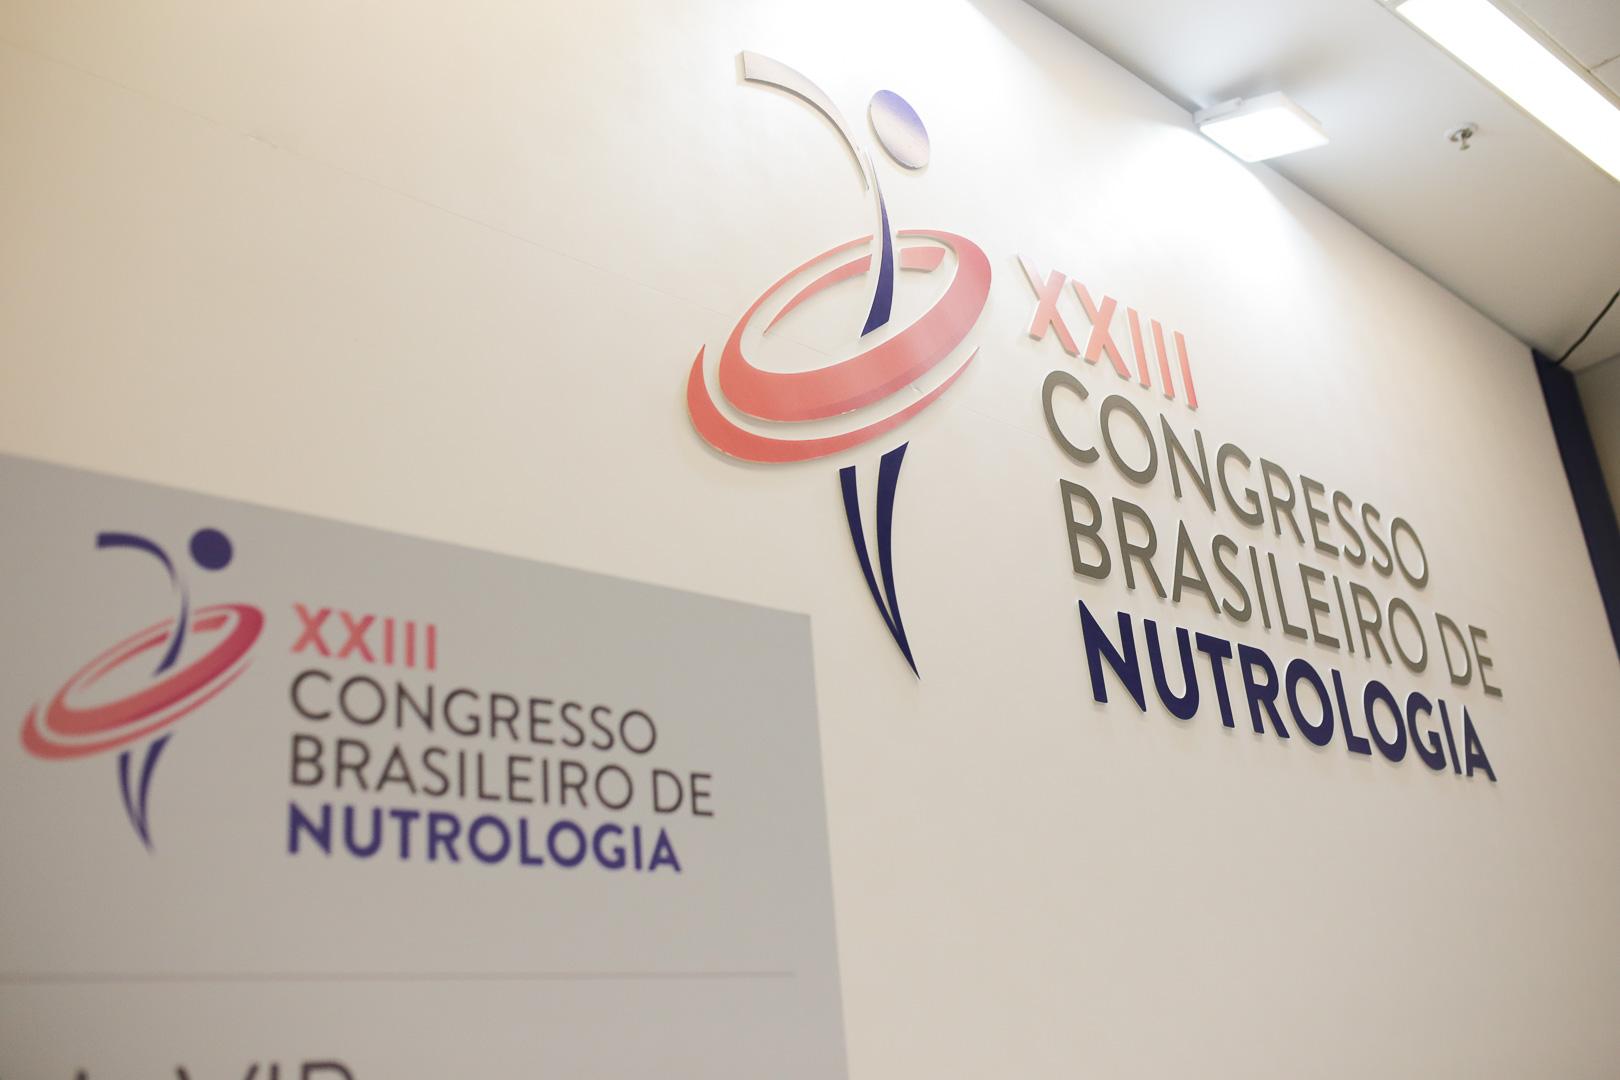 CBN Catanduva: XXIII Congresso Brasileiro de Nutrologia